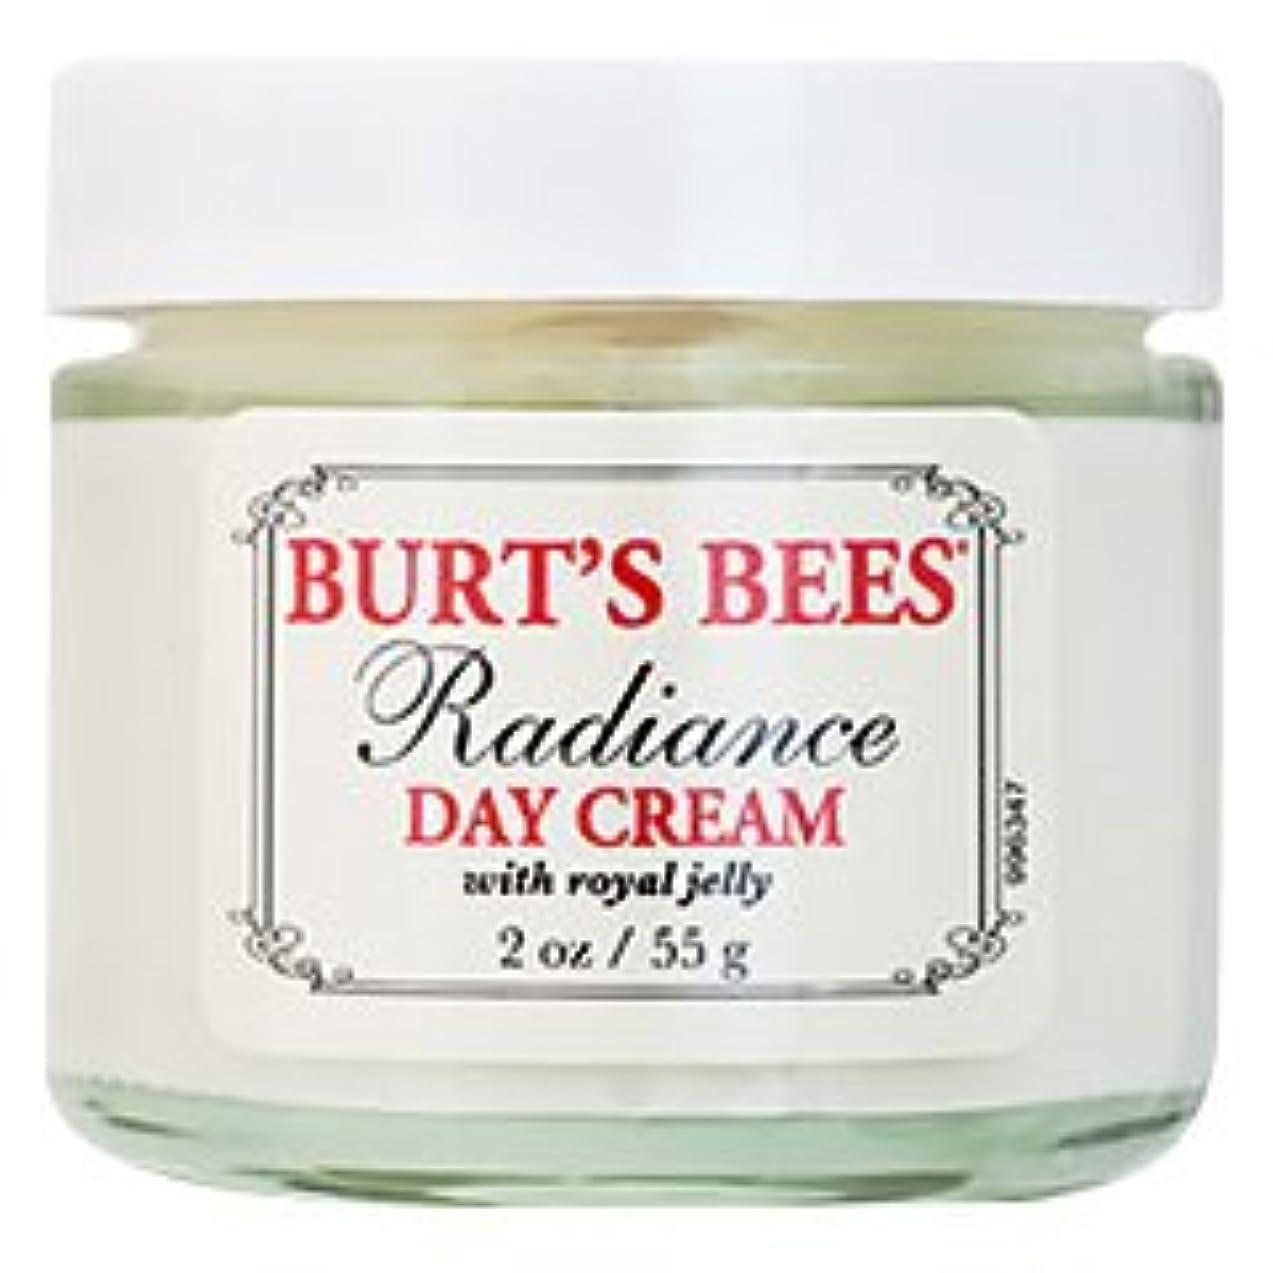 垂直の間でタクシーバーツビーズ(Burt's Bees) ラディアンス デイクリーム(ロイヤルジェリー) 55g [海外直送品][並行輸入品]